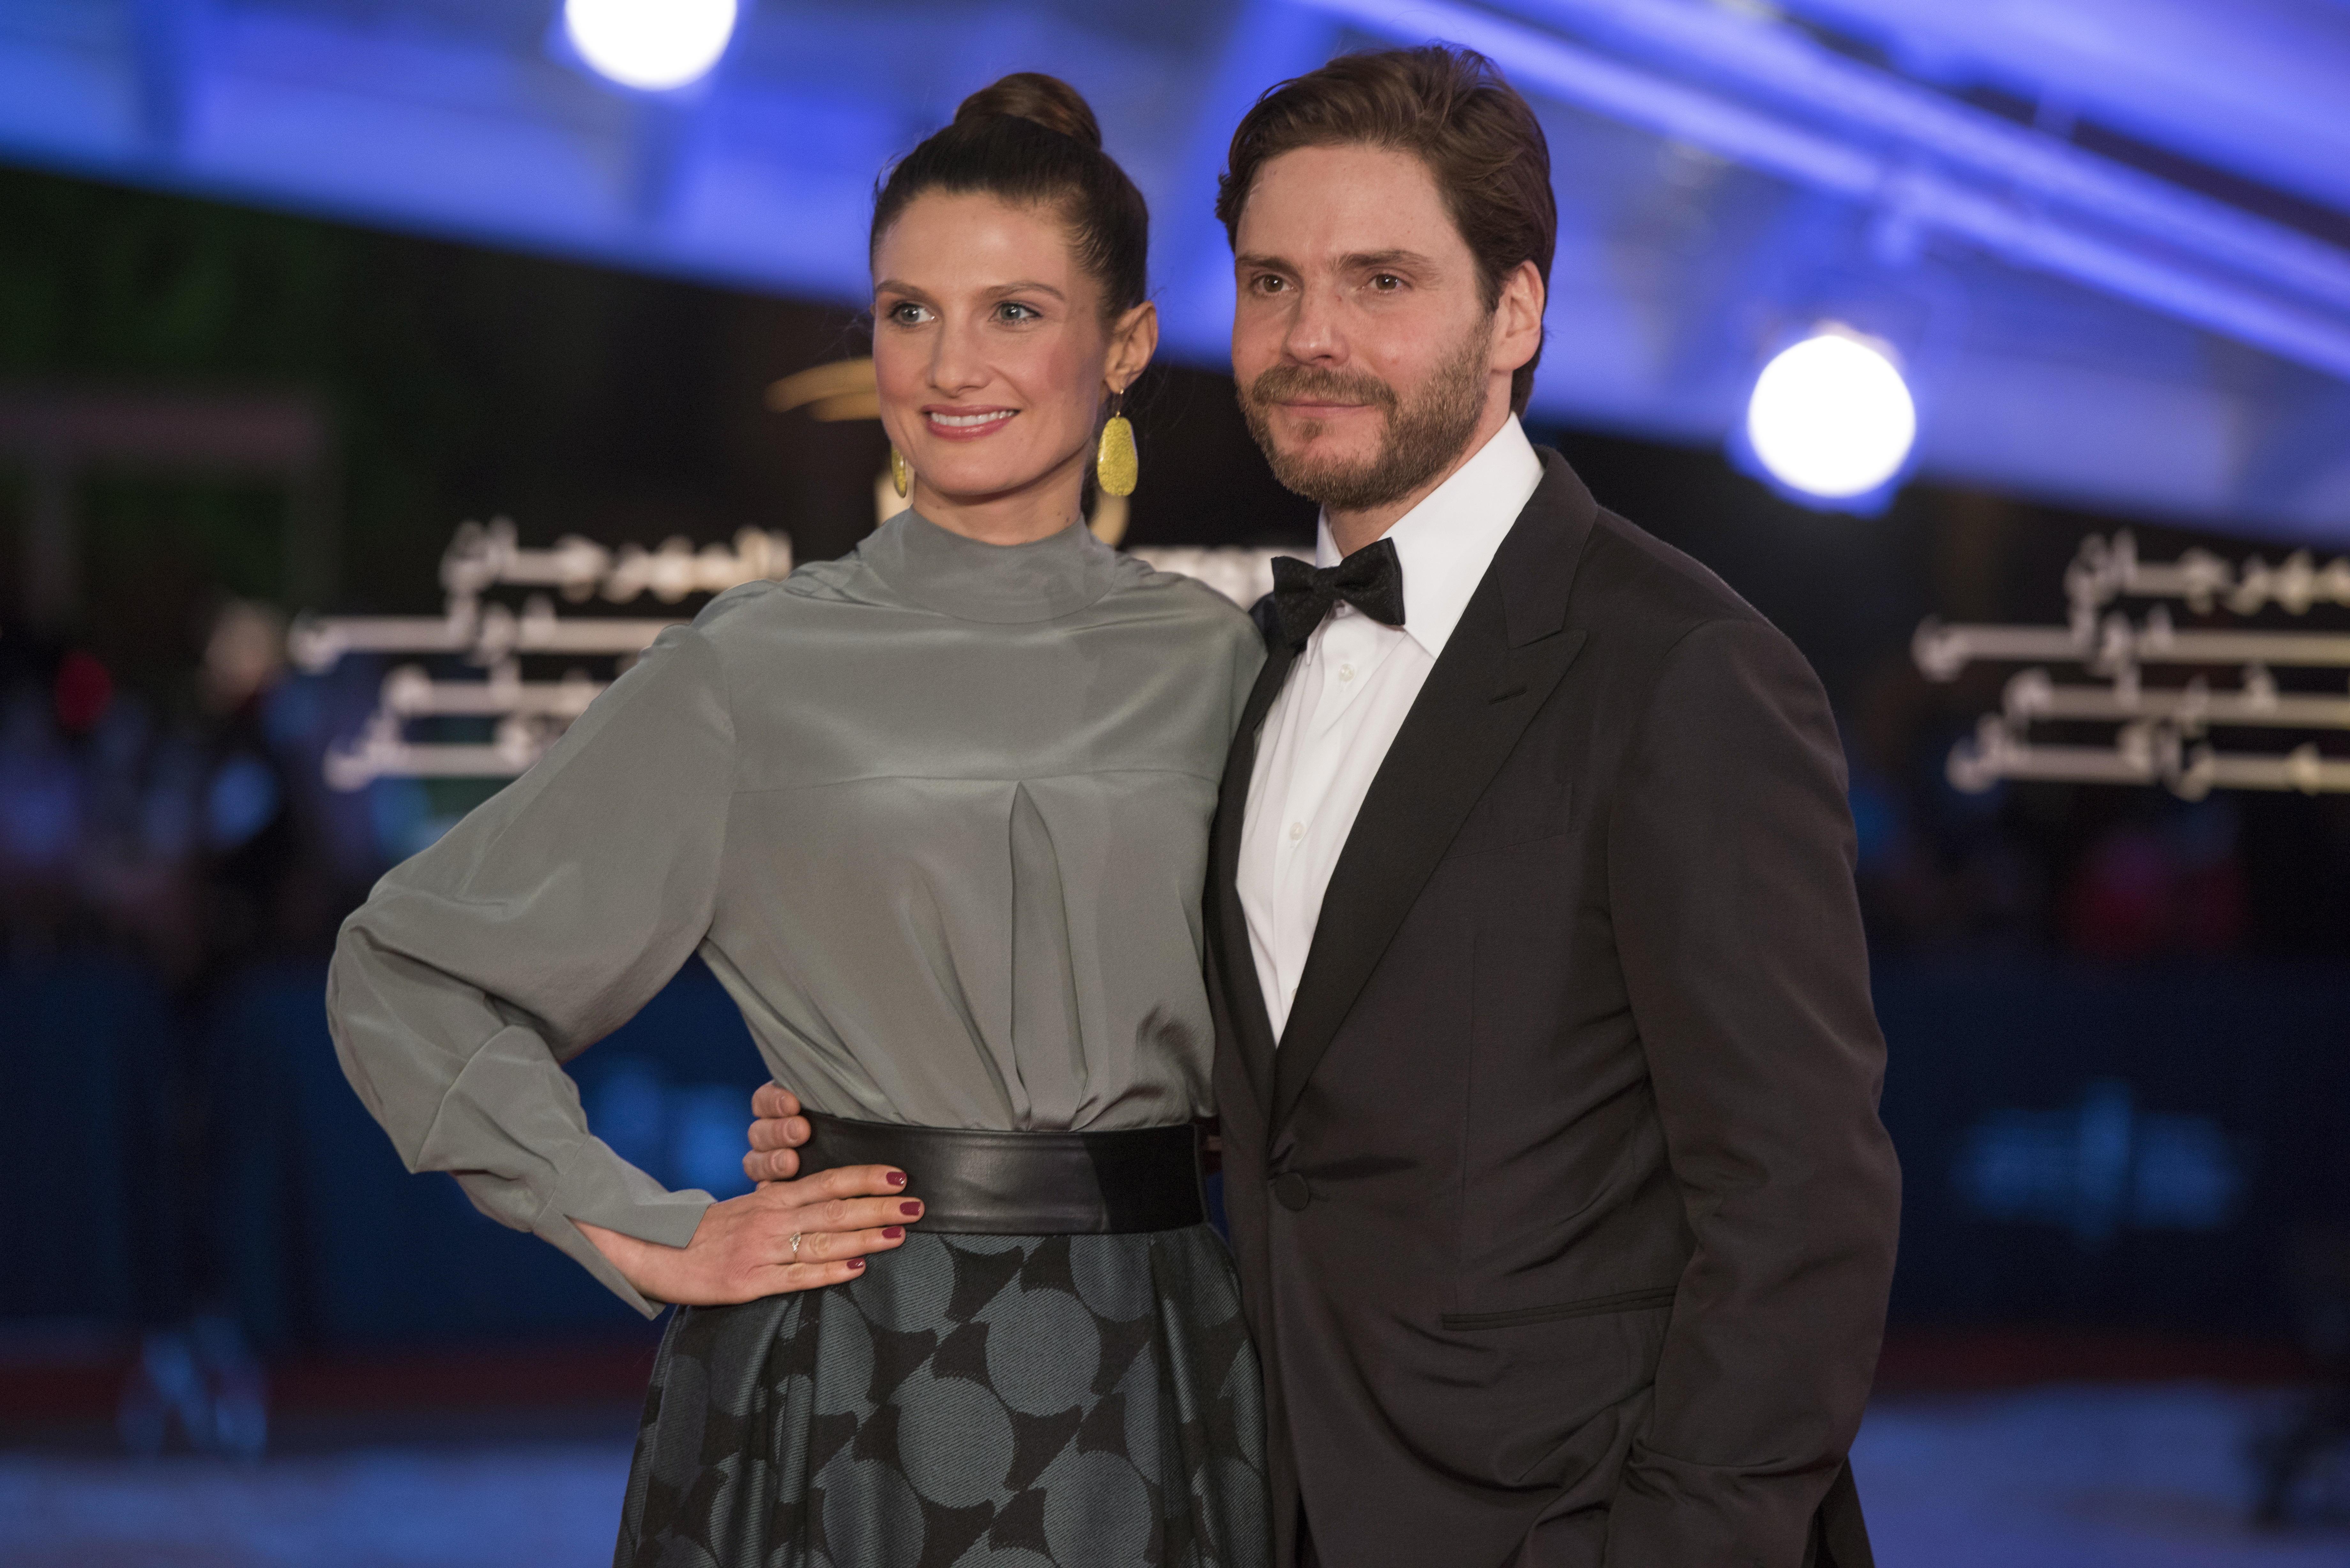 Daniel Brühl et sa femme Felicitas Rombold sur le red carpet du Festival international du film de...